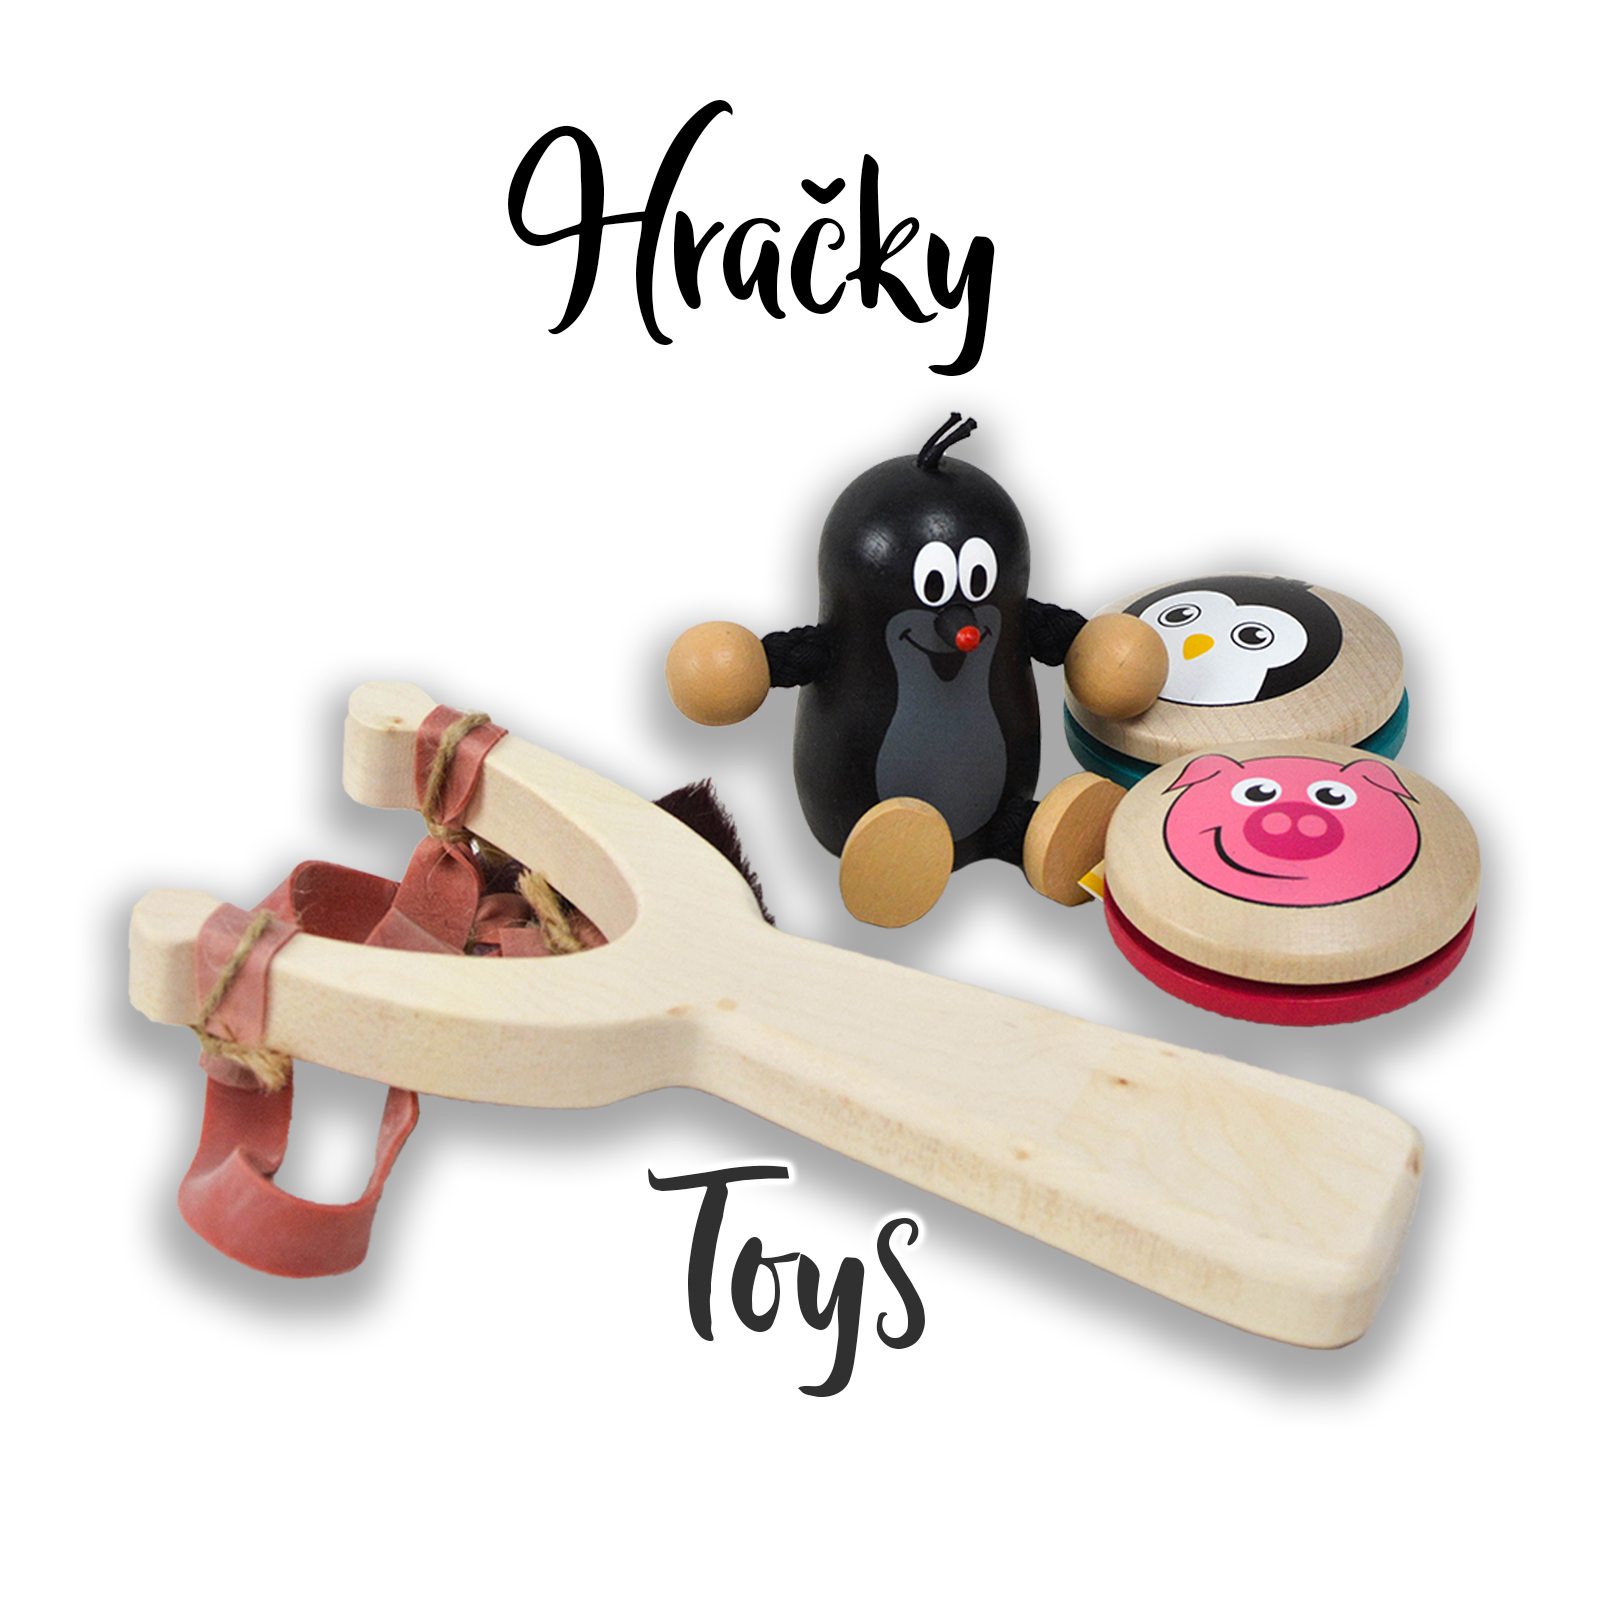 Hračky (Toys)